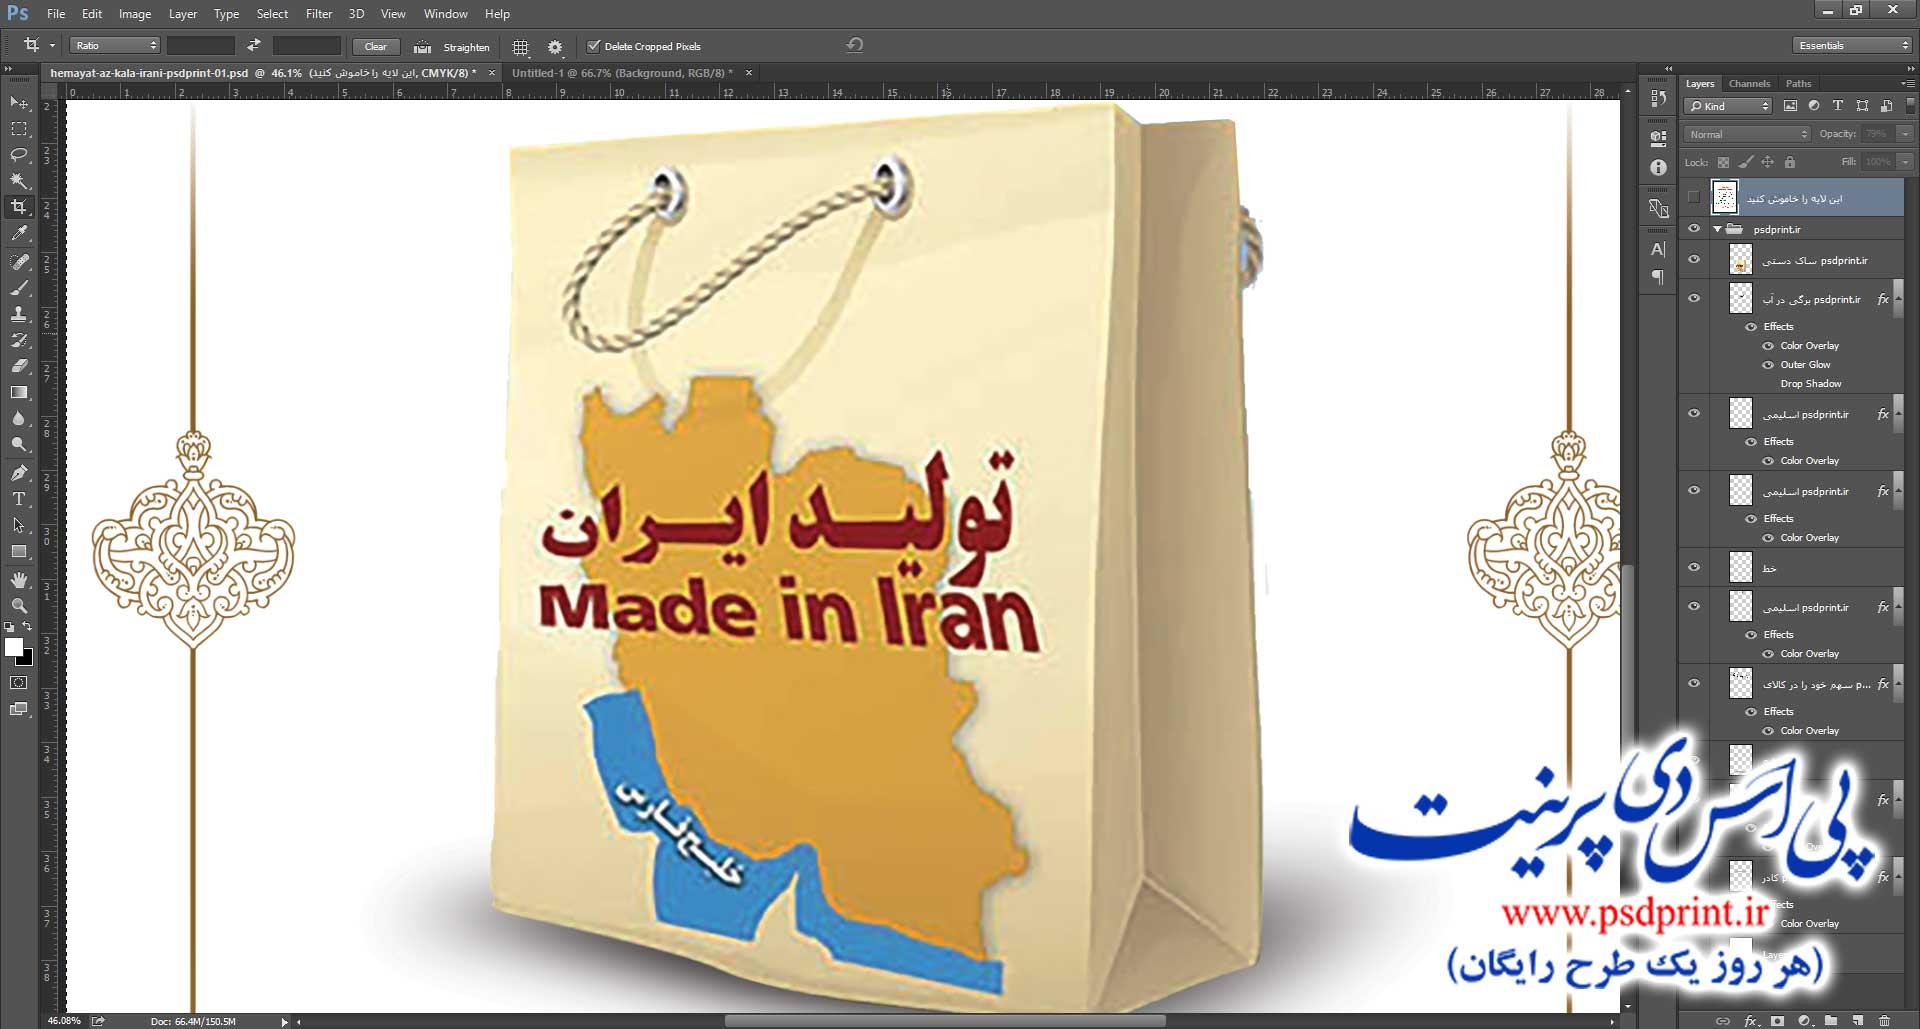 بنر لایه باز حمایت از کالای ایرانی